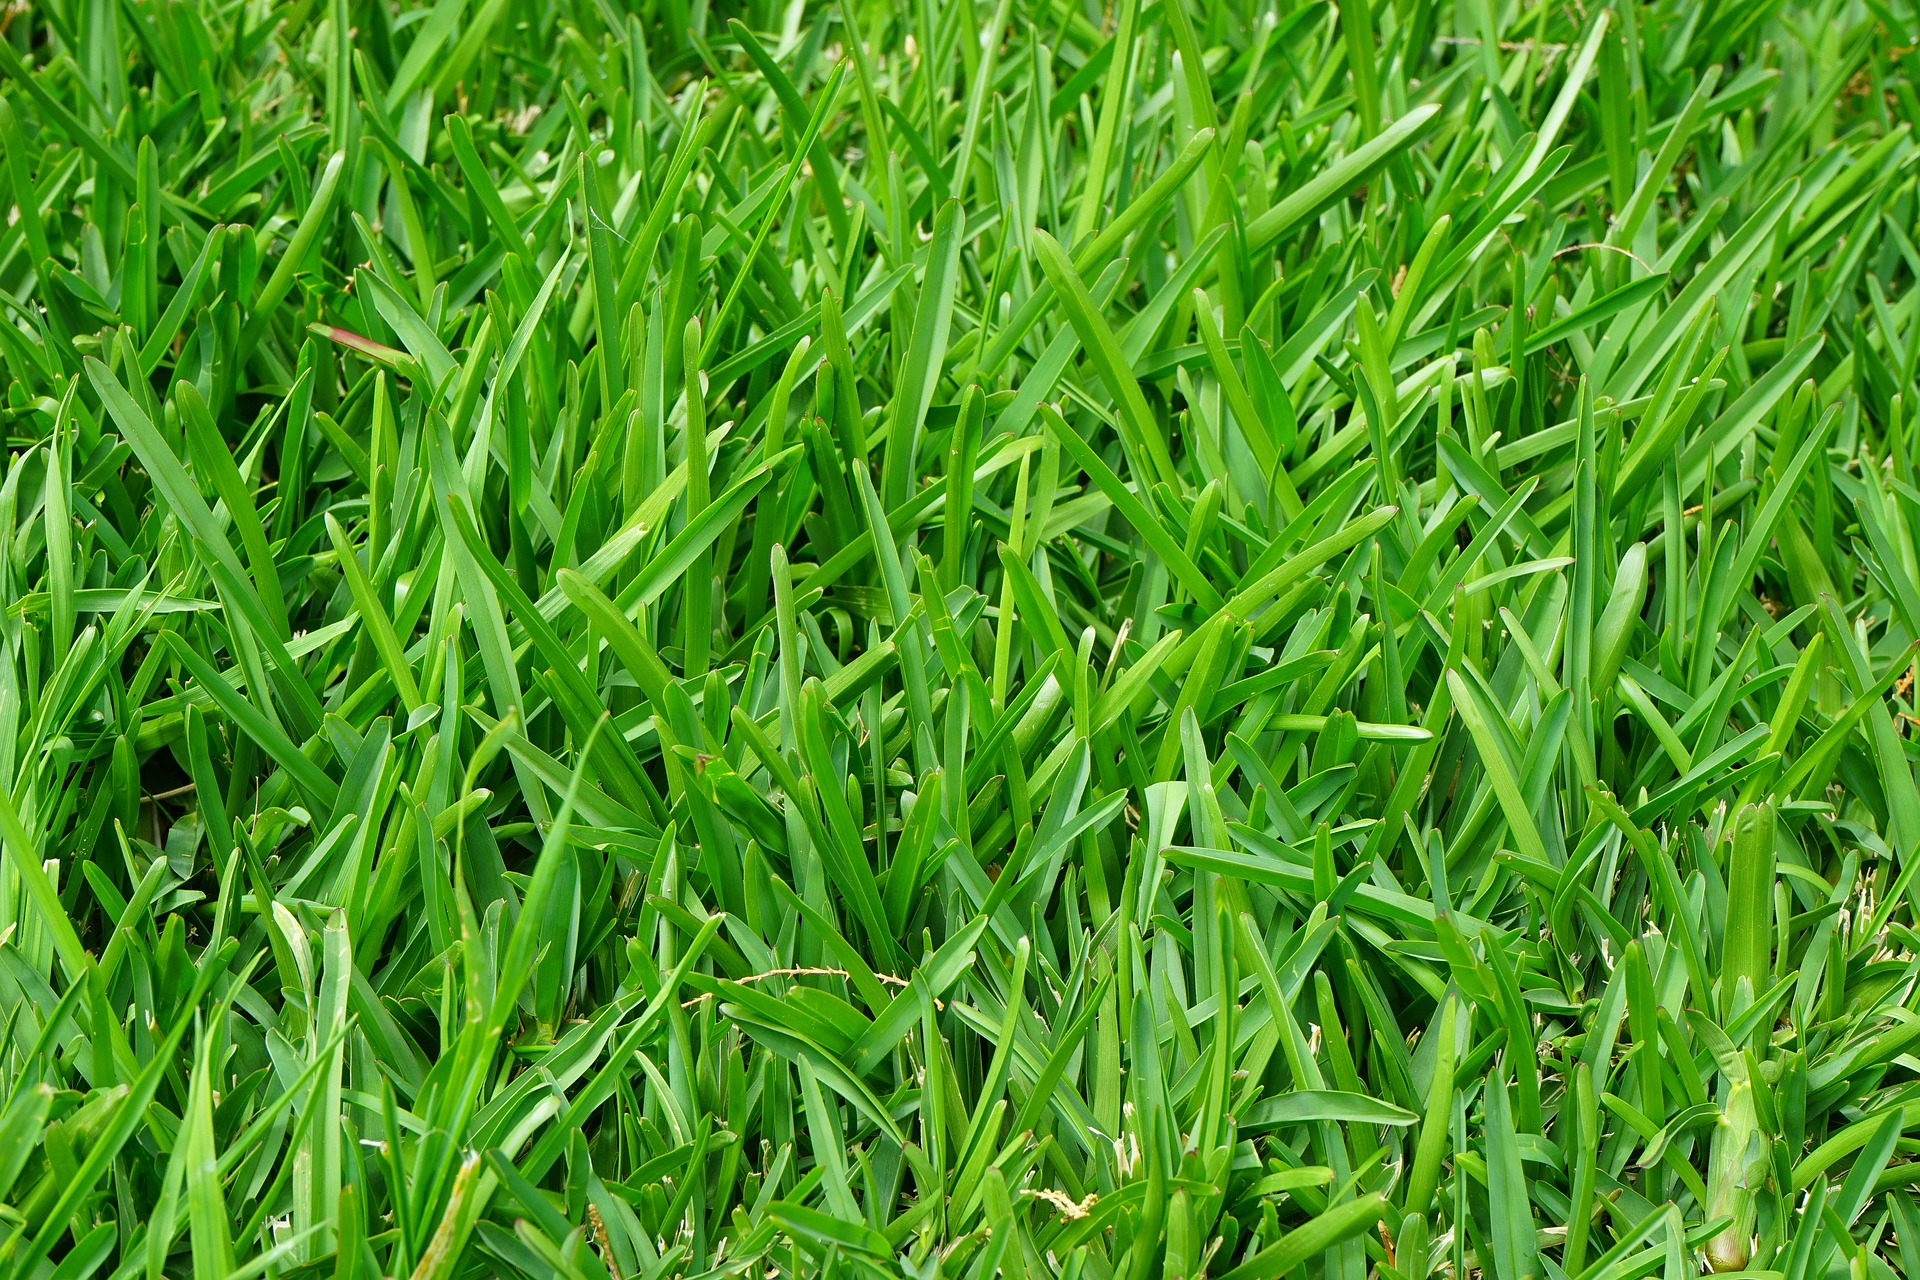 grass-375586_1920